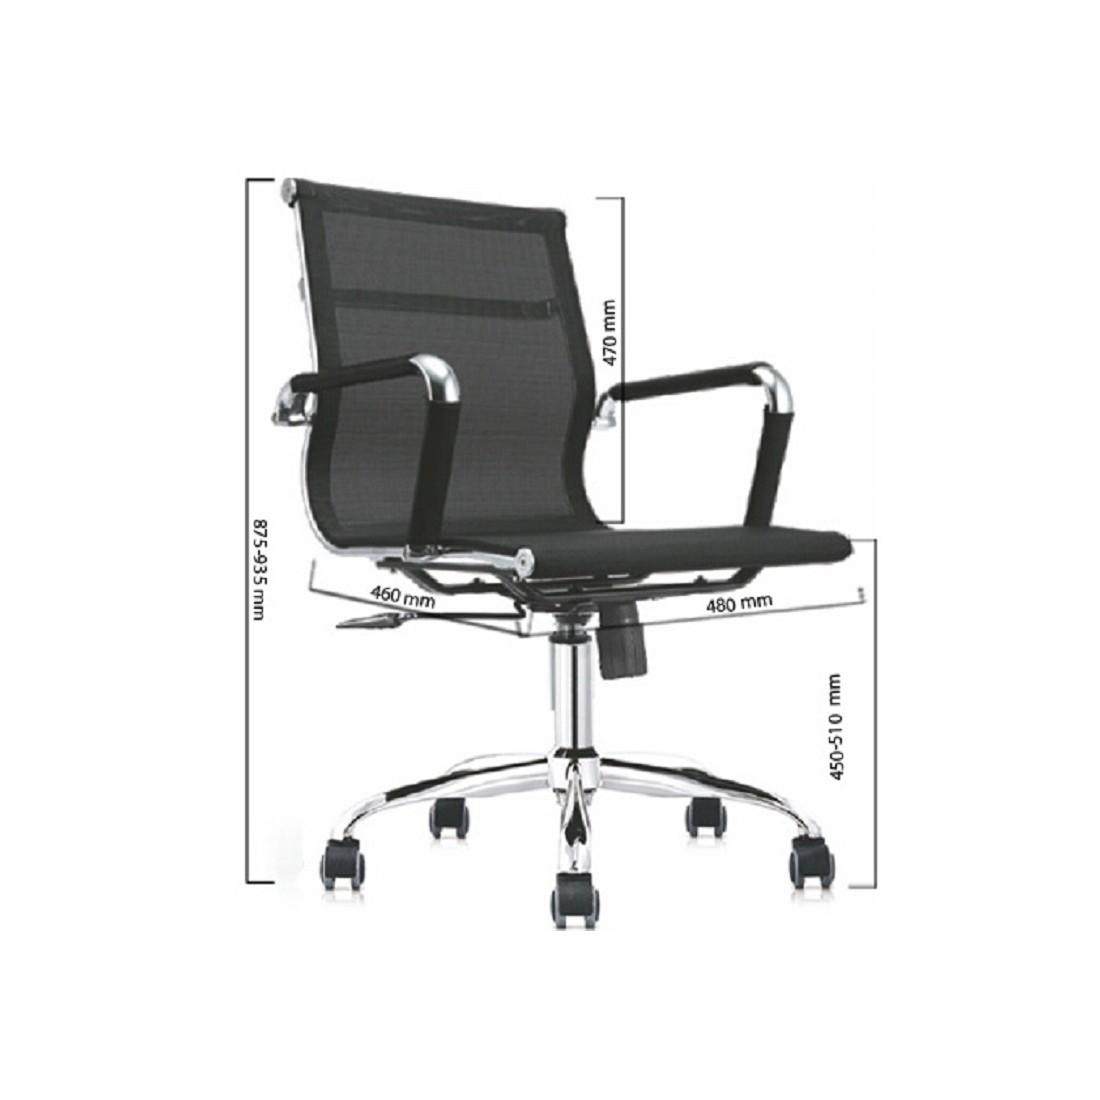 Ghế lưới D3050M-Thế giới đồ gia dụng HMD